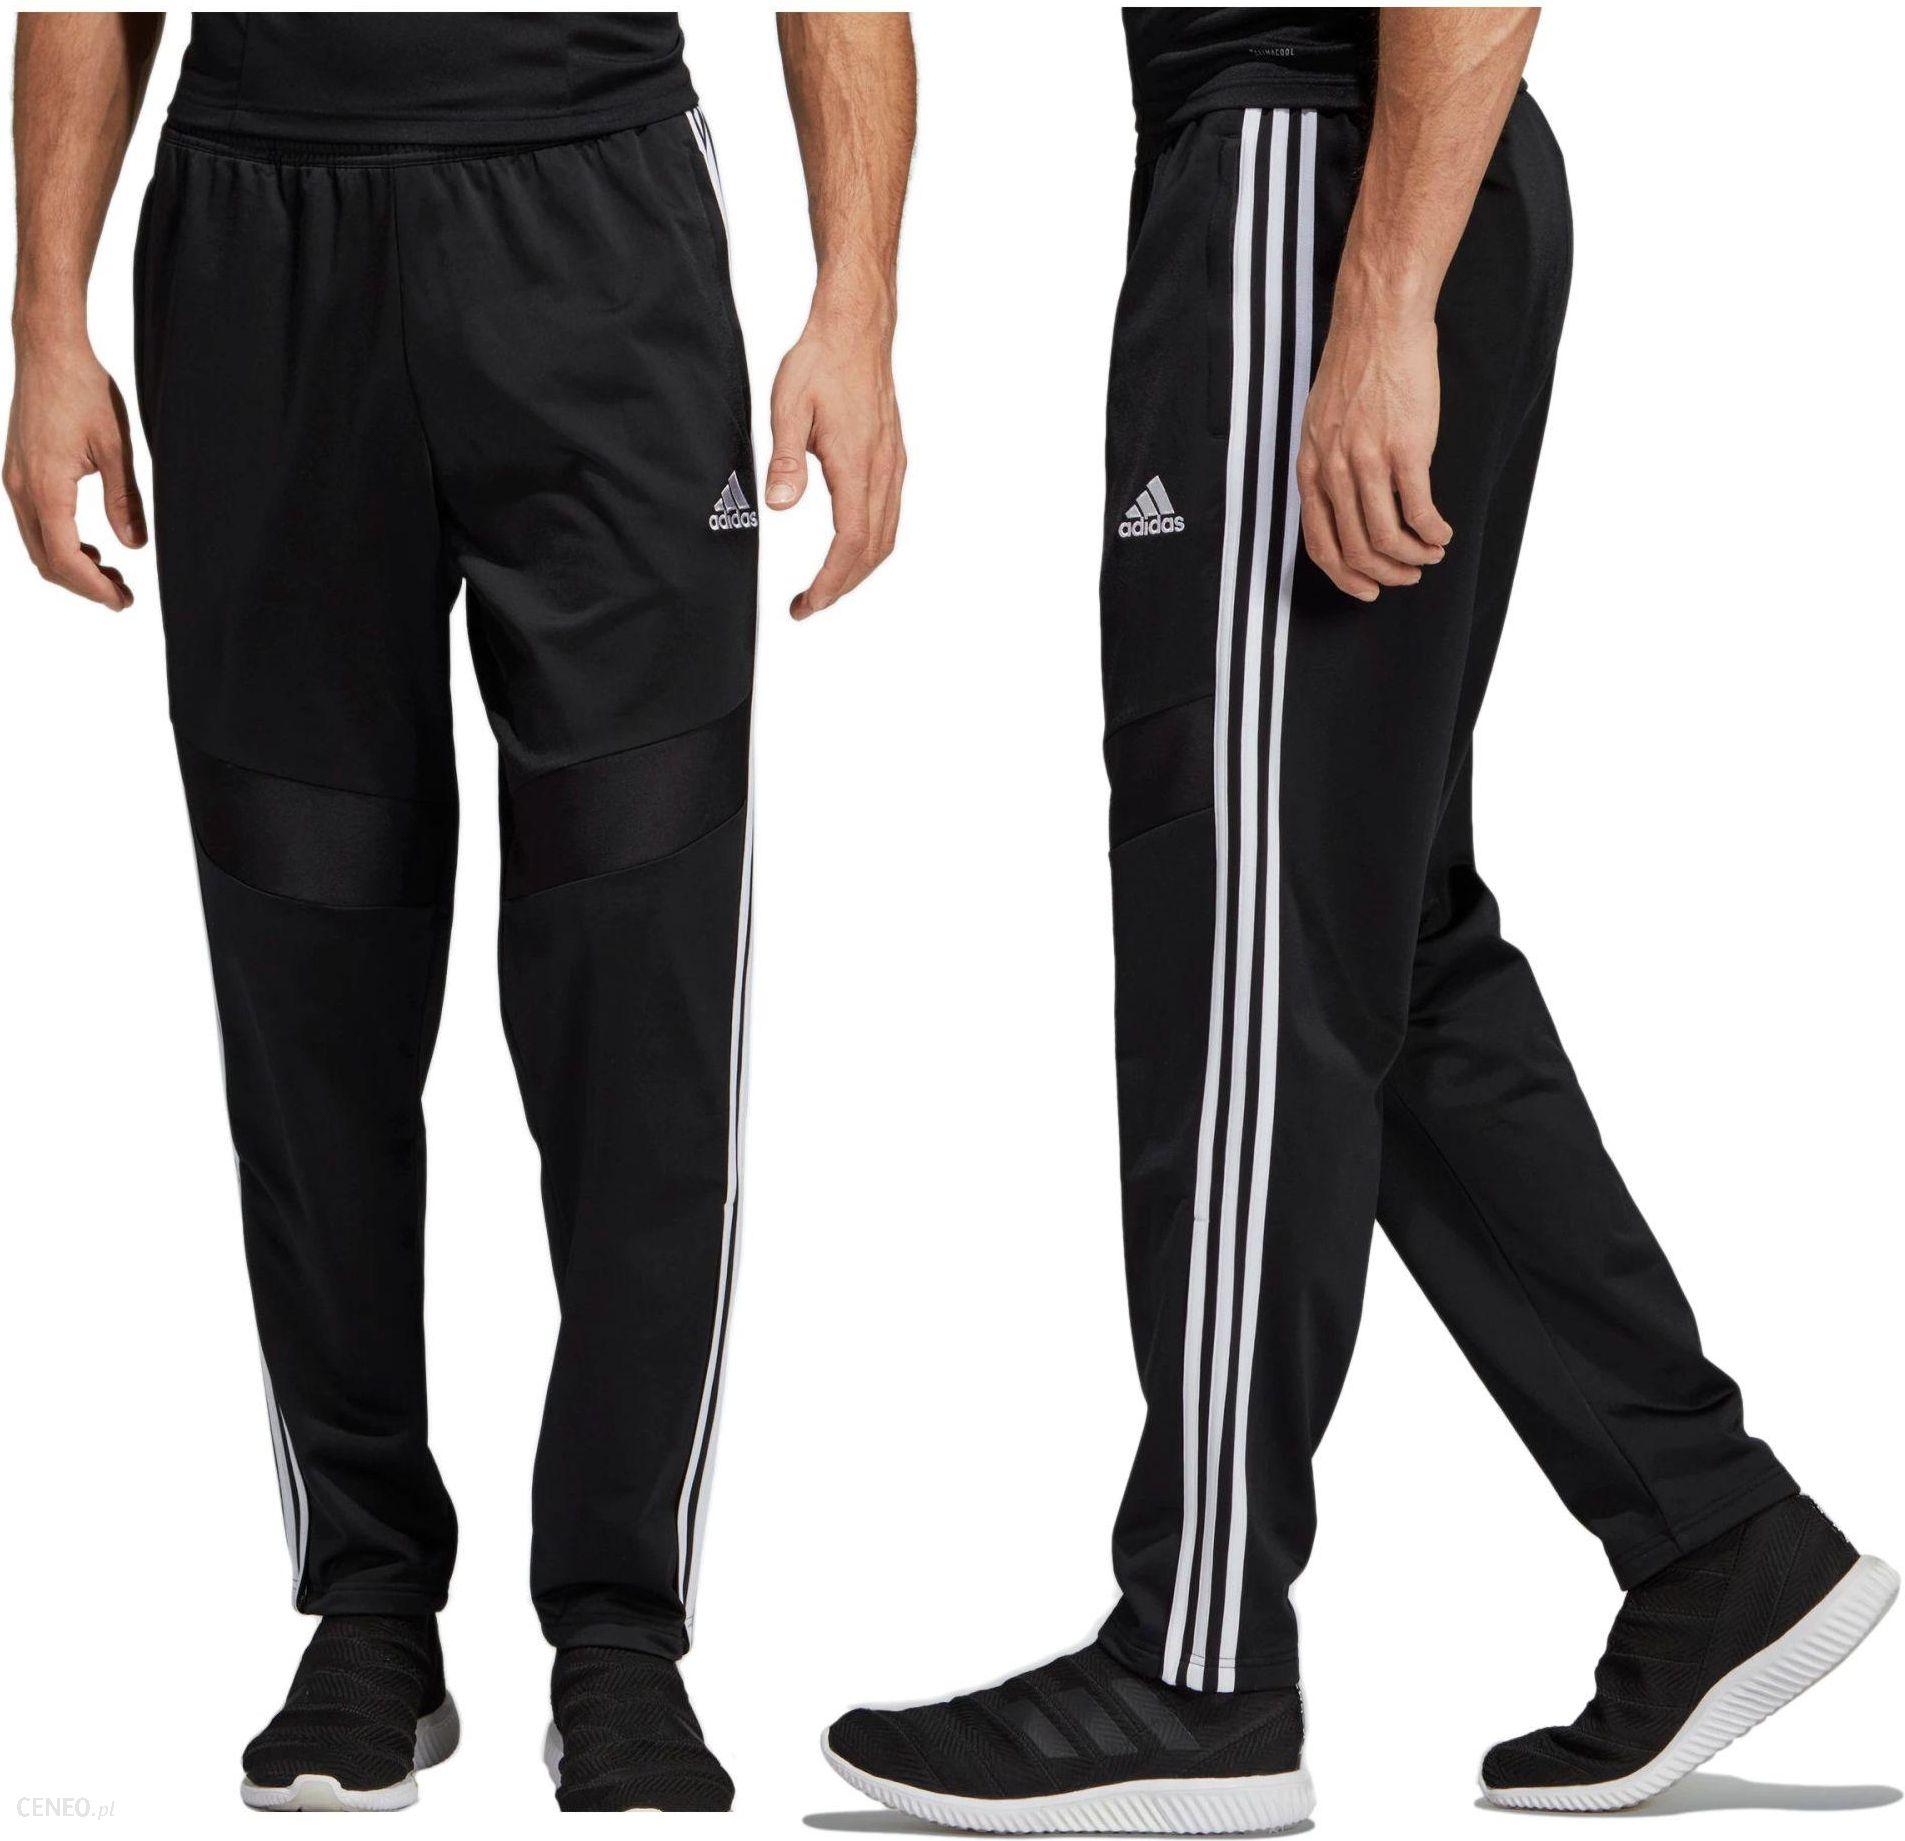 najlepsze buty później sklep z wyprzedażami Spodnie Męskie Adidas Dresowe Sportowe Tiro M - Ceny i opinie - Ceneo.pl